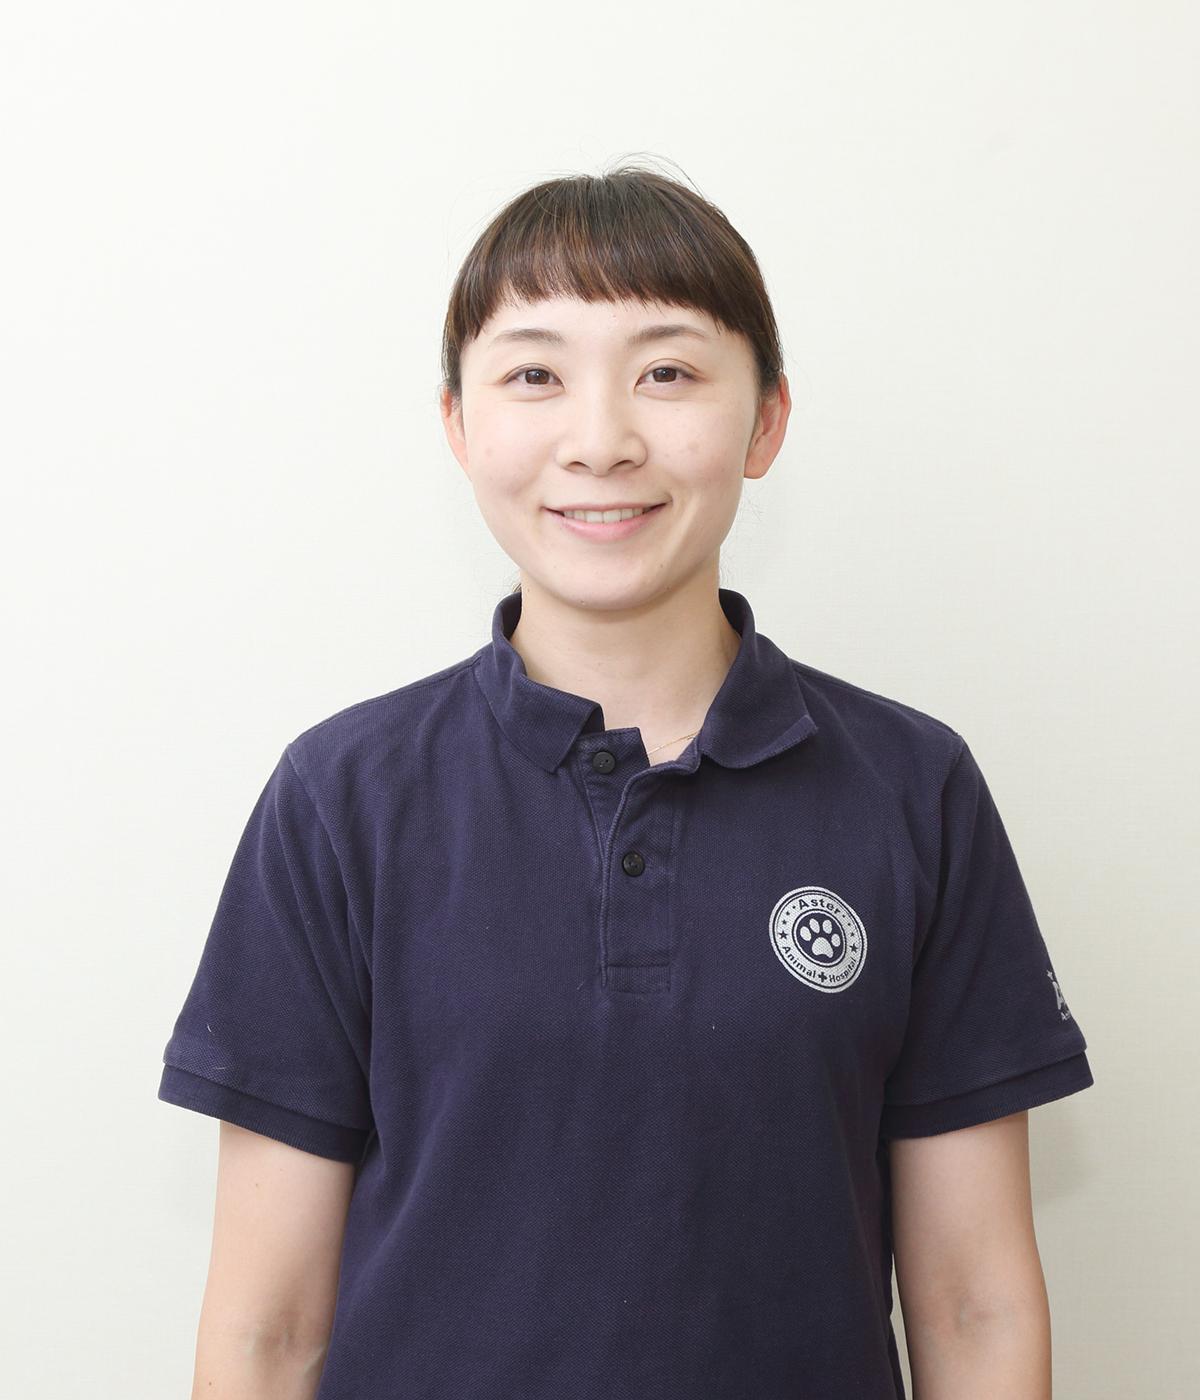 松尾 尚子